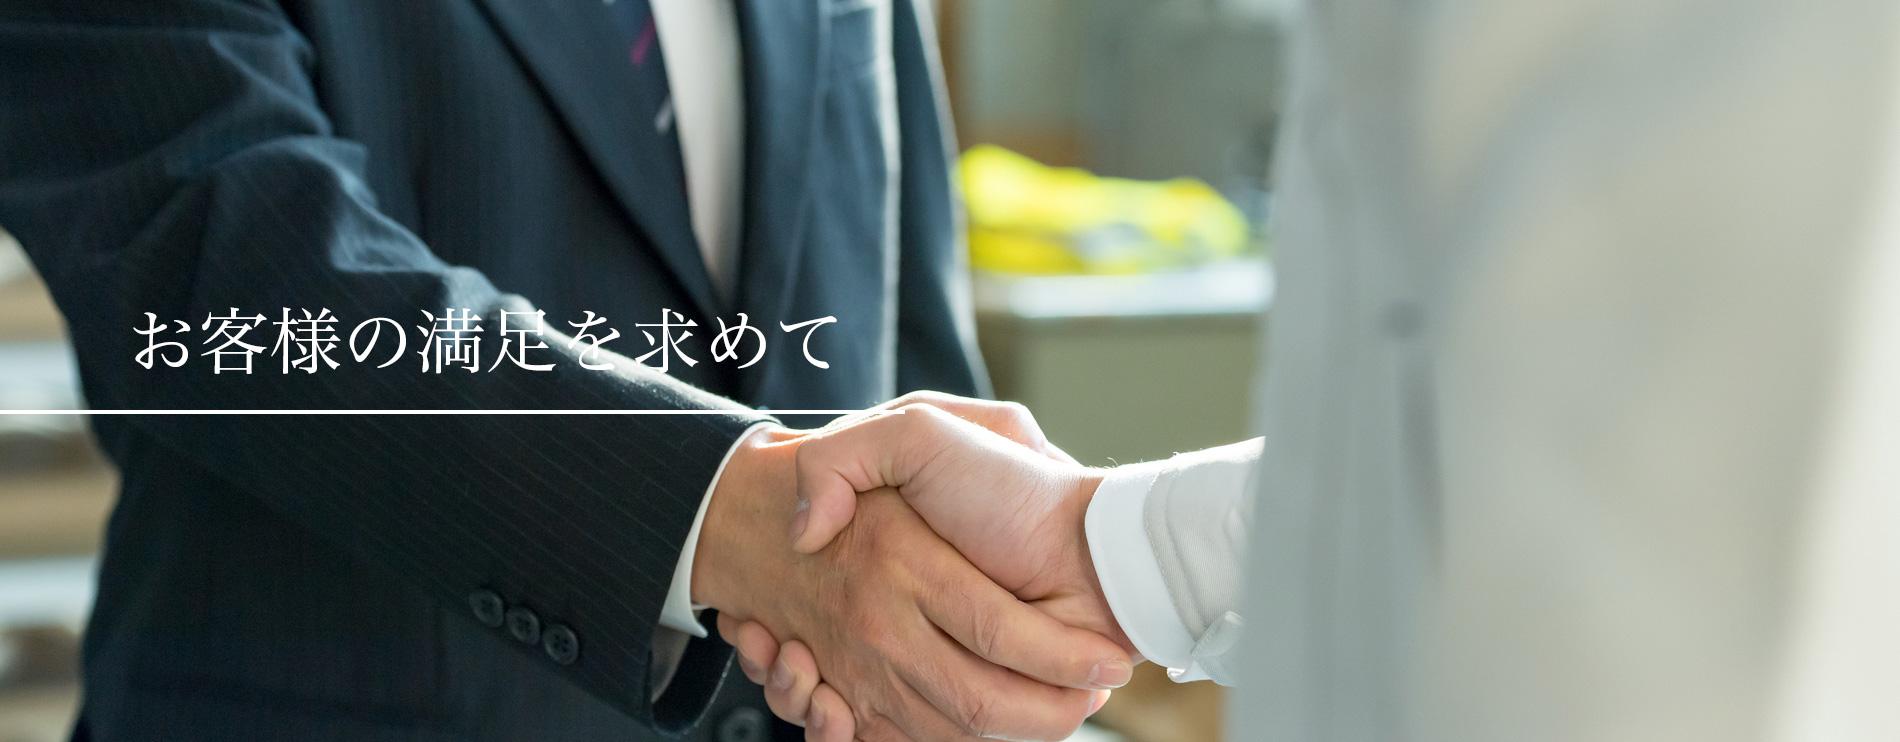 お客様の満足を目指して稲村工業株式会社は進みます